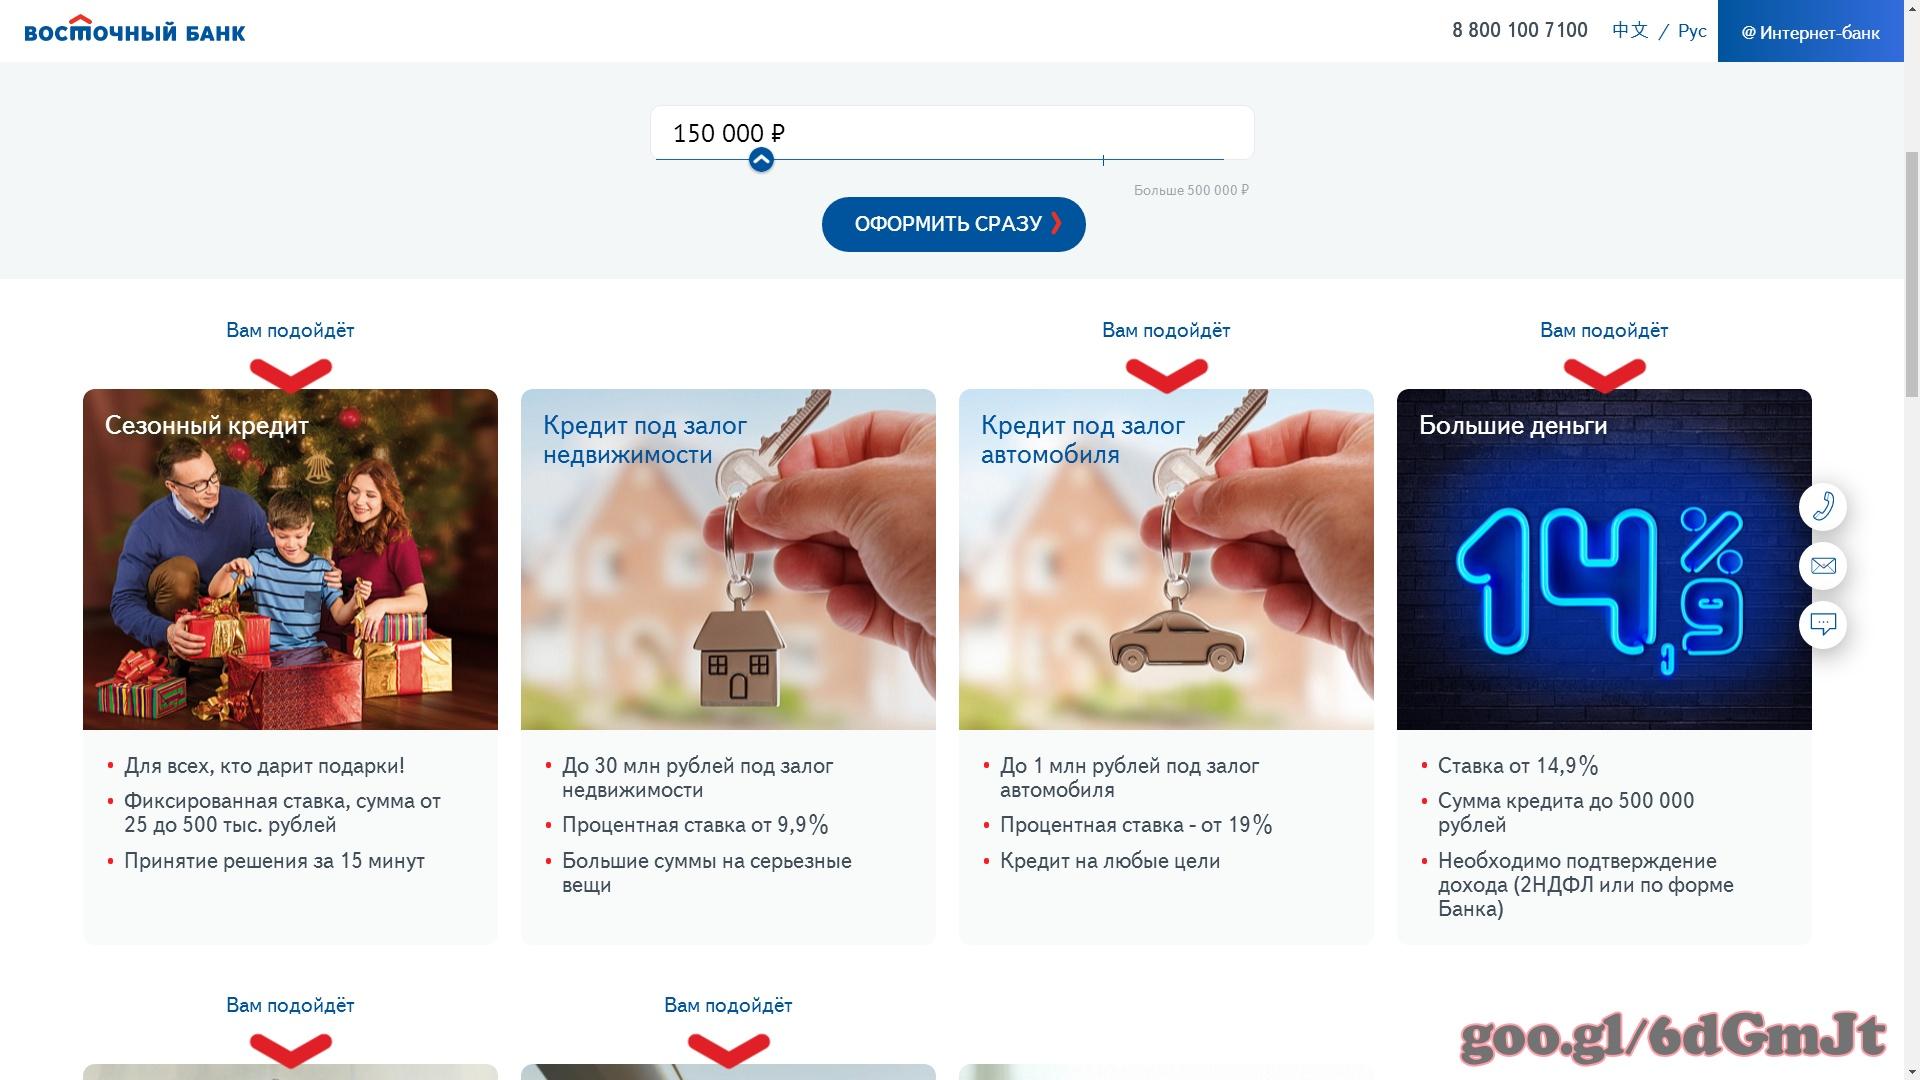 банк оформить кредит наличными онлайн